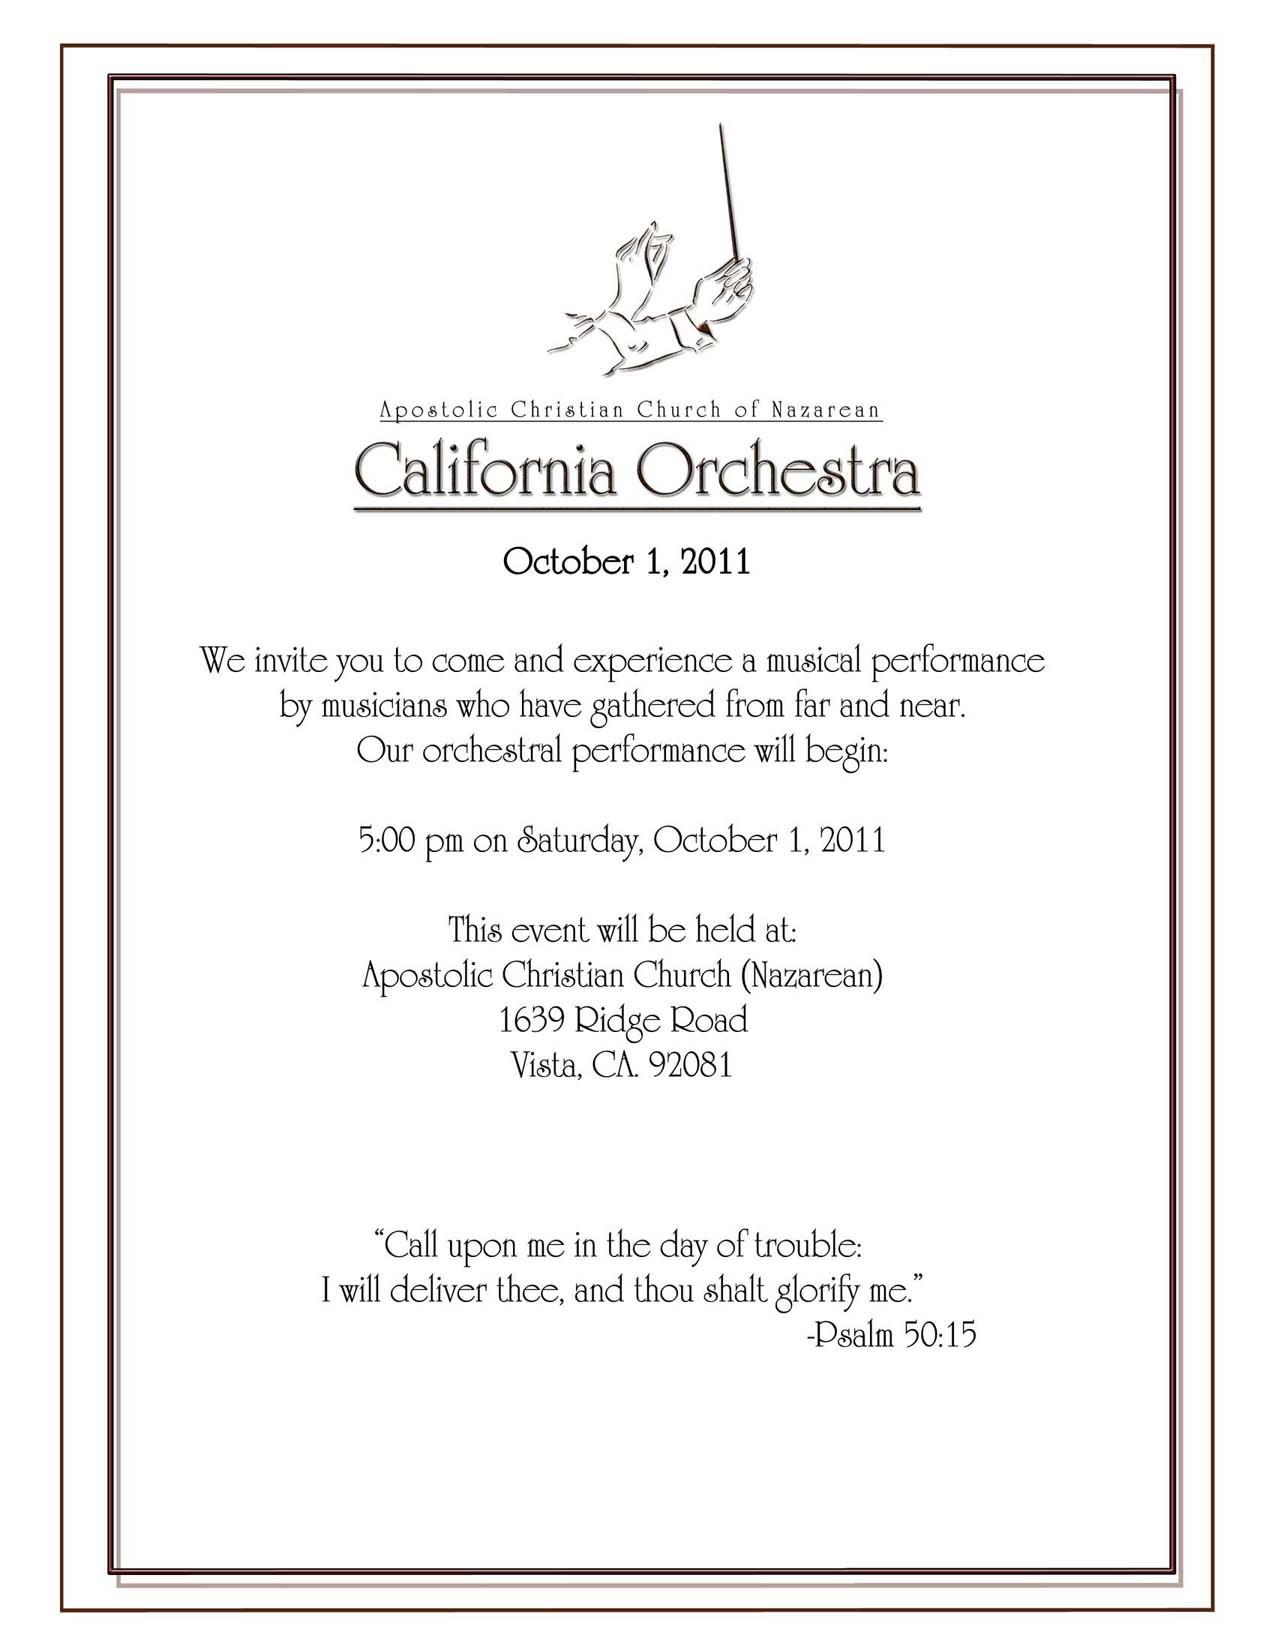 Orchestra Invitation 2011